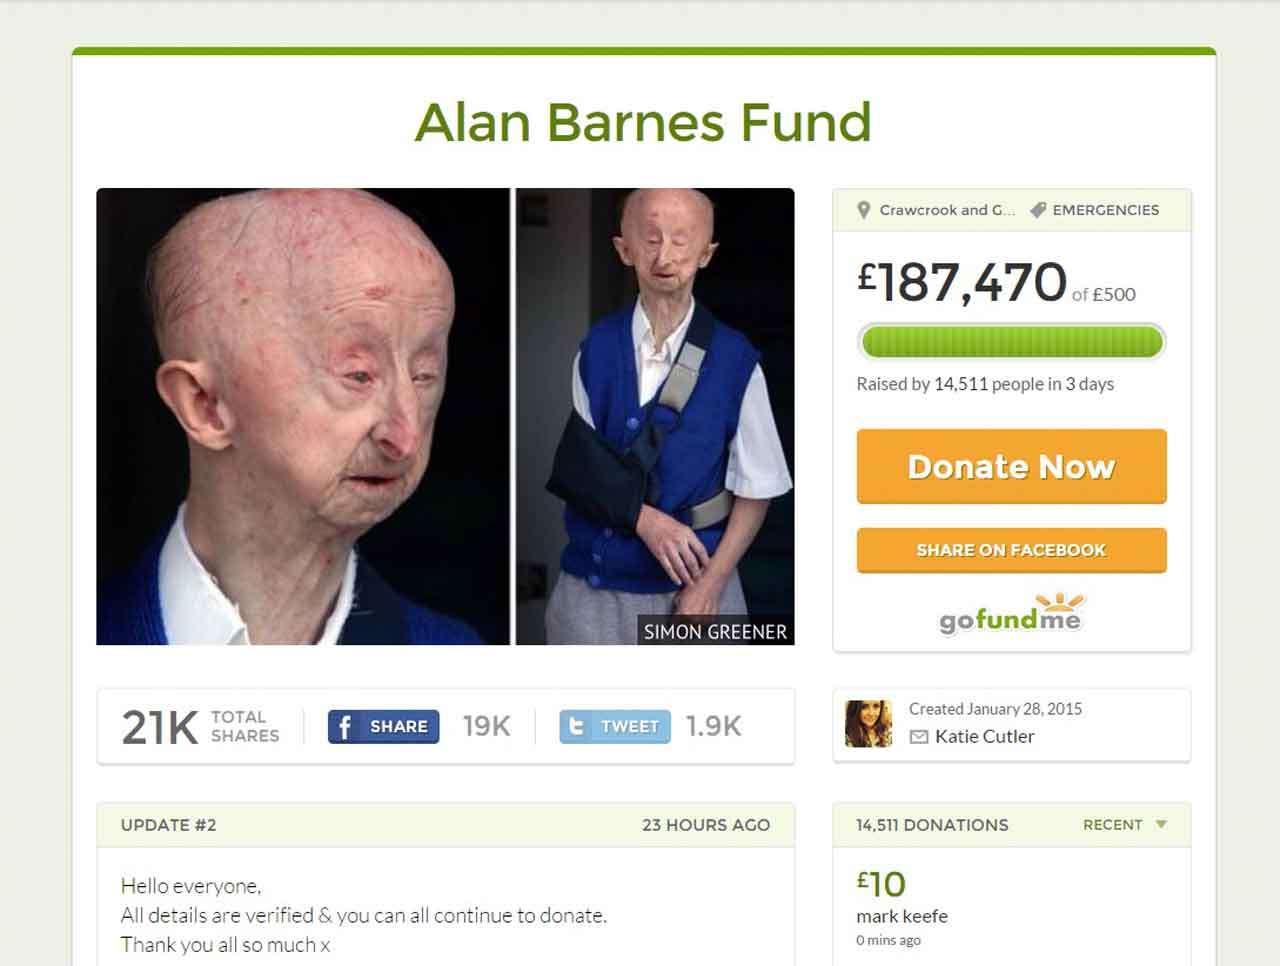 El pensionado inglés Alan Barnes ha recibido más de 270 mil dólares en donaciones después de que se conociera su caso en Inglaterra. Foto: Reproducción